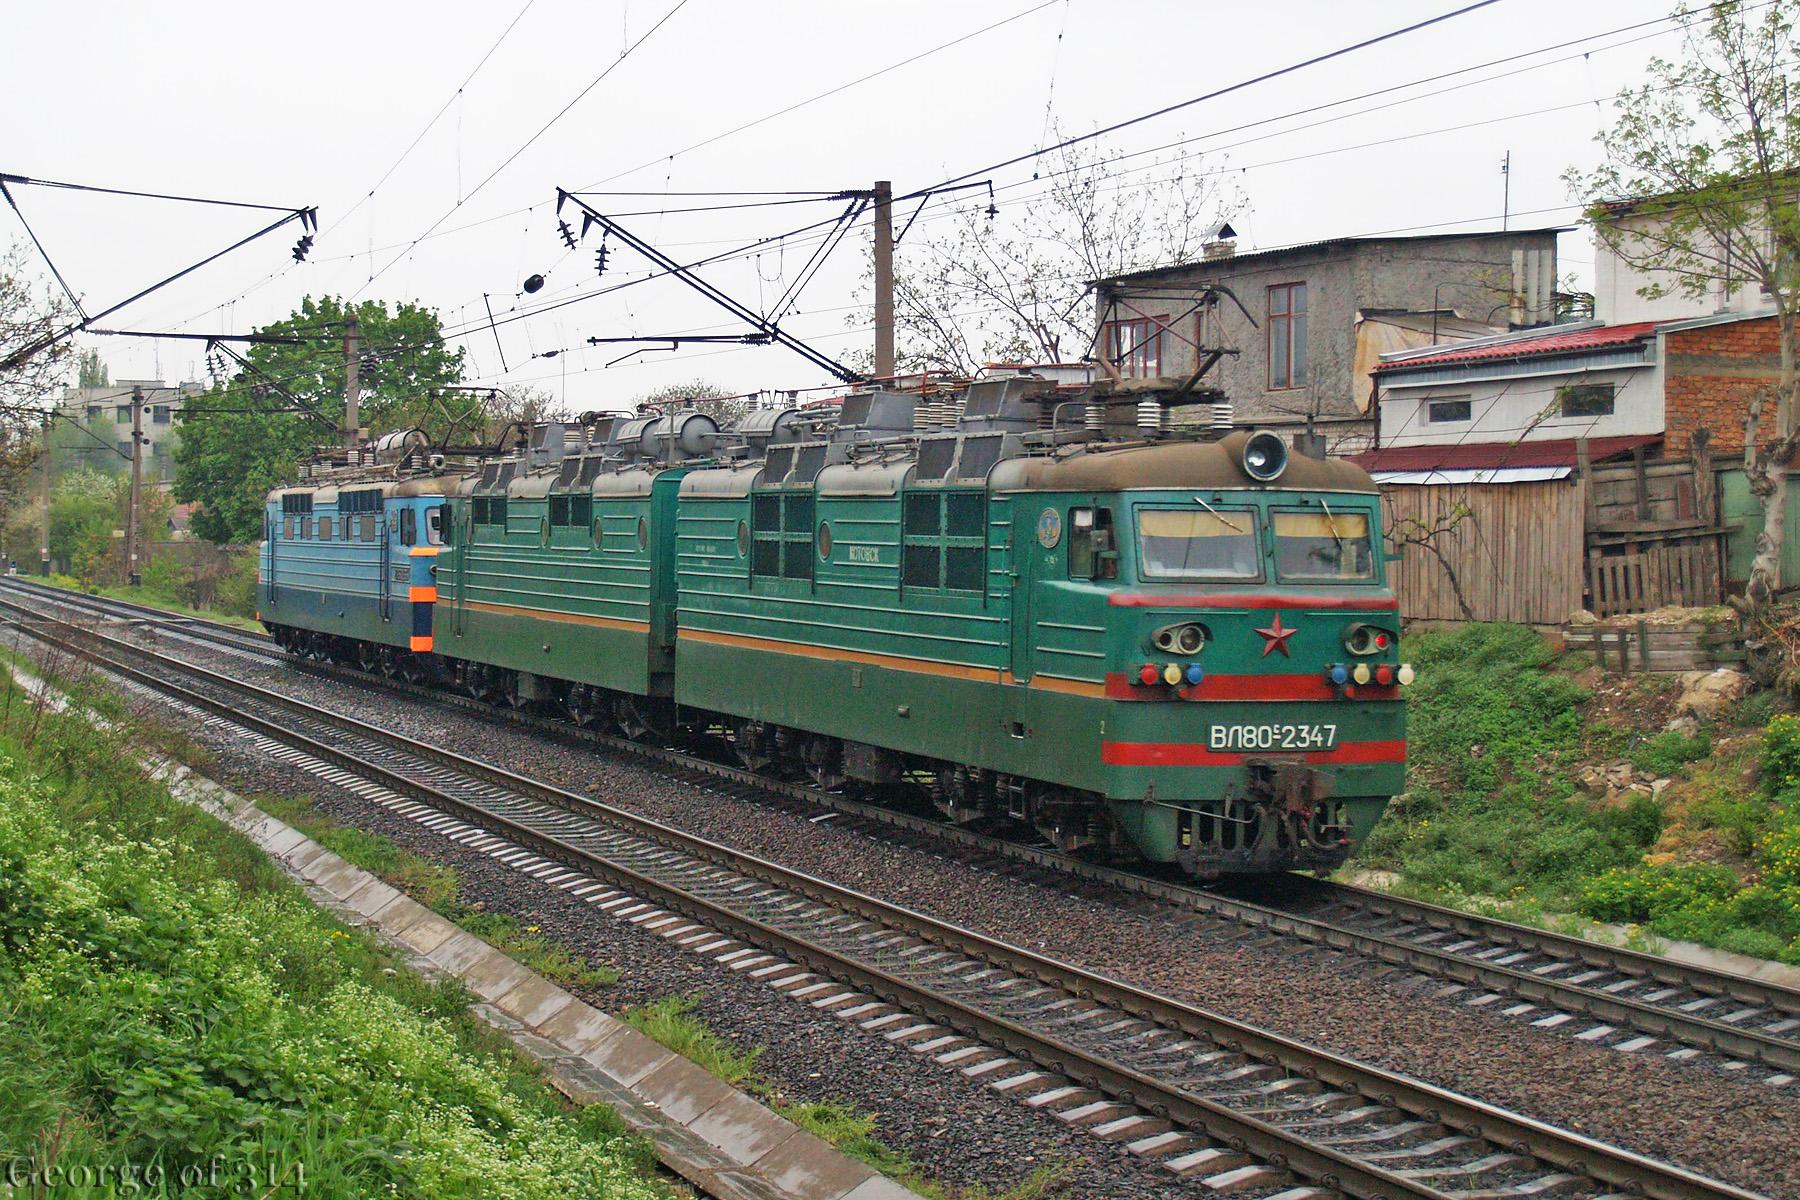 Електровози ВЛ80С-2347 та ВЛ60ПК-1951, перегін пост 1310 км - Одеса-Застава-ІІ